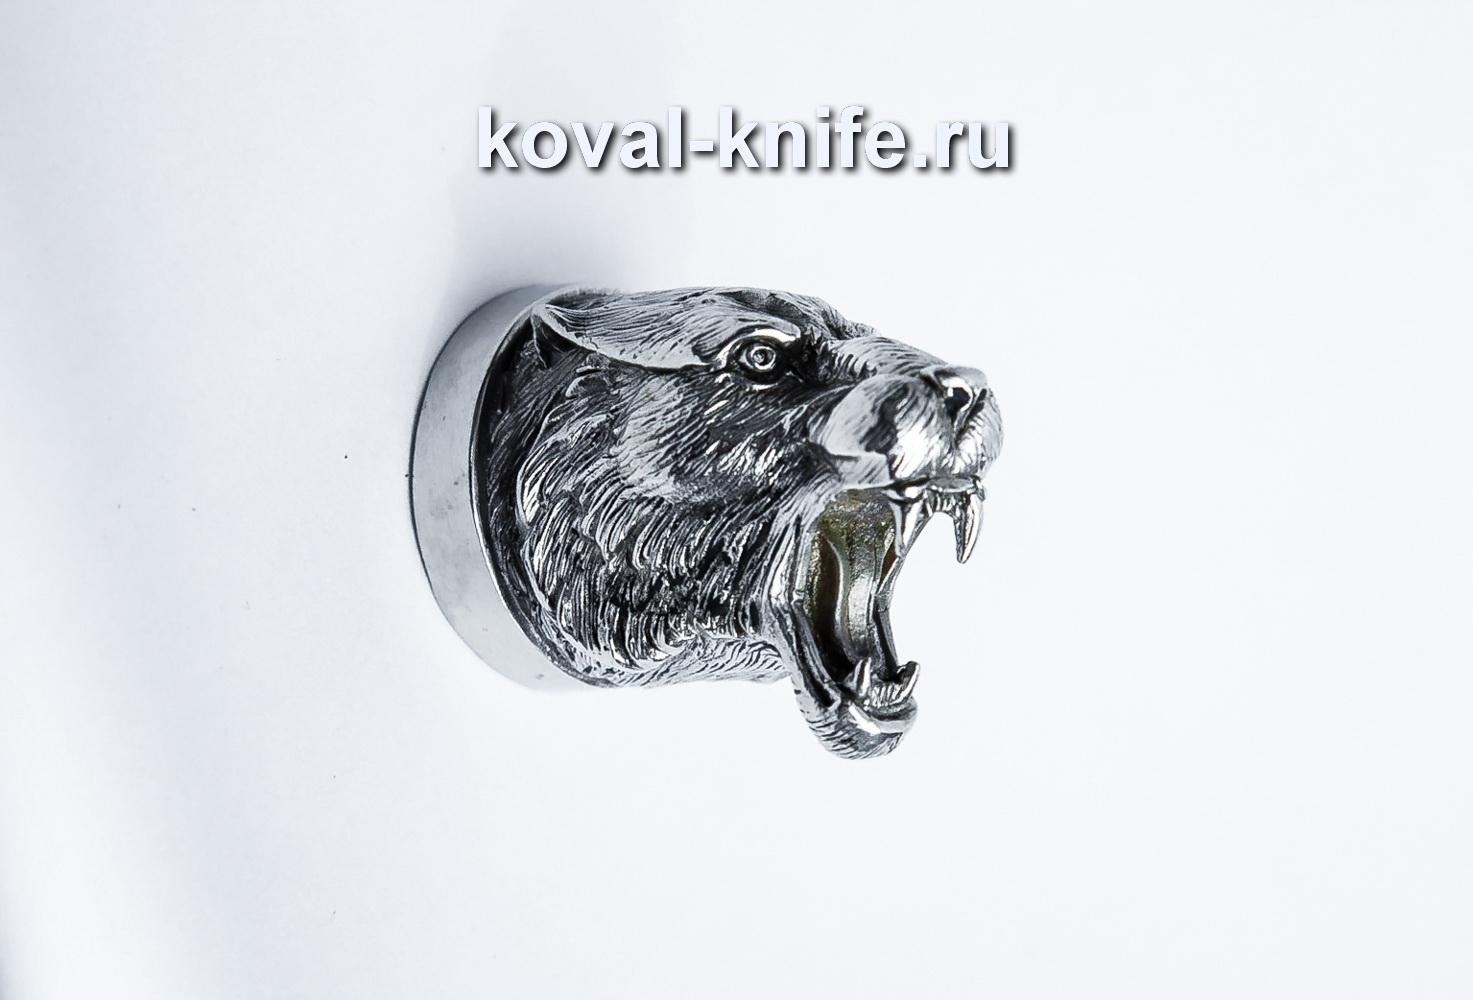 Литье для шампура 118 Голова — Тигра, круглое примыкание. Диаметр D 28мм.